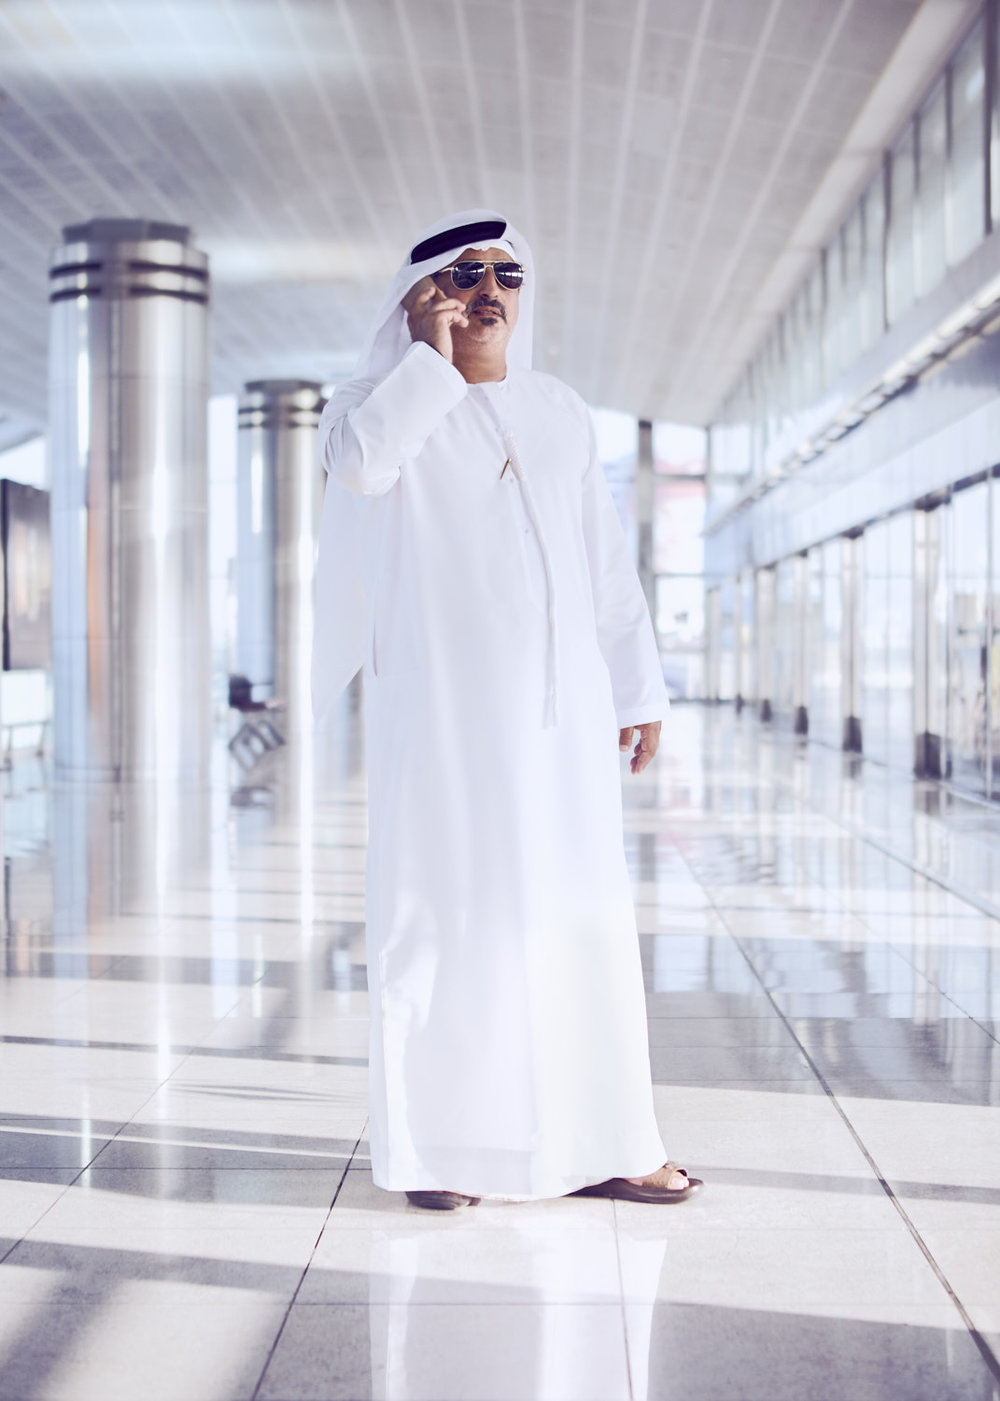 QAssure_S03_Airport_0018 1.jpg